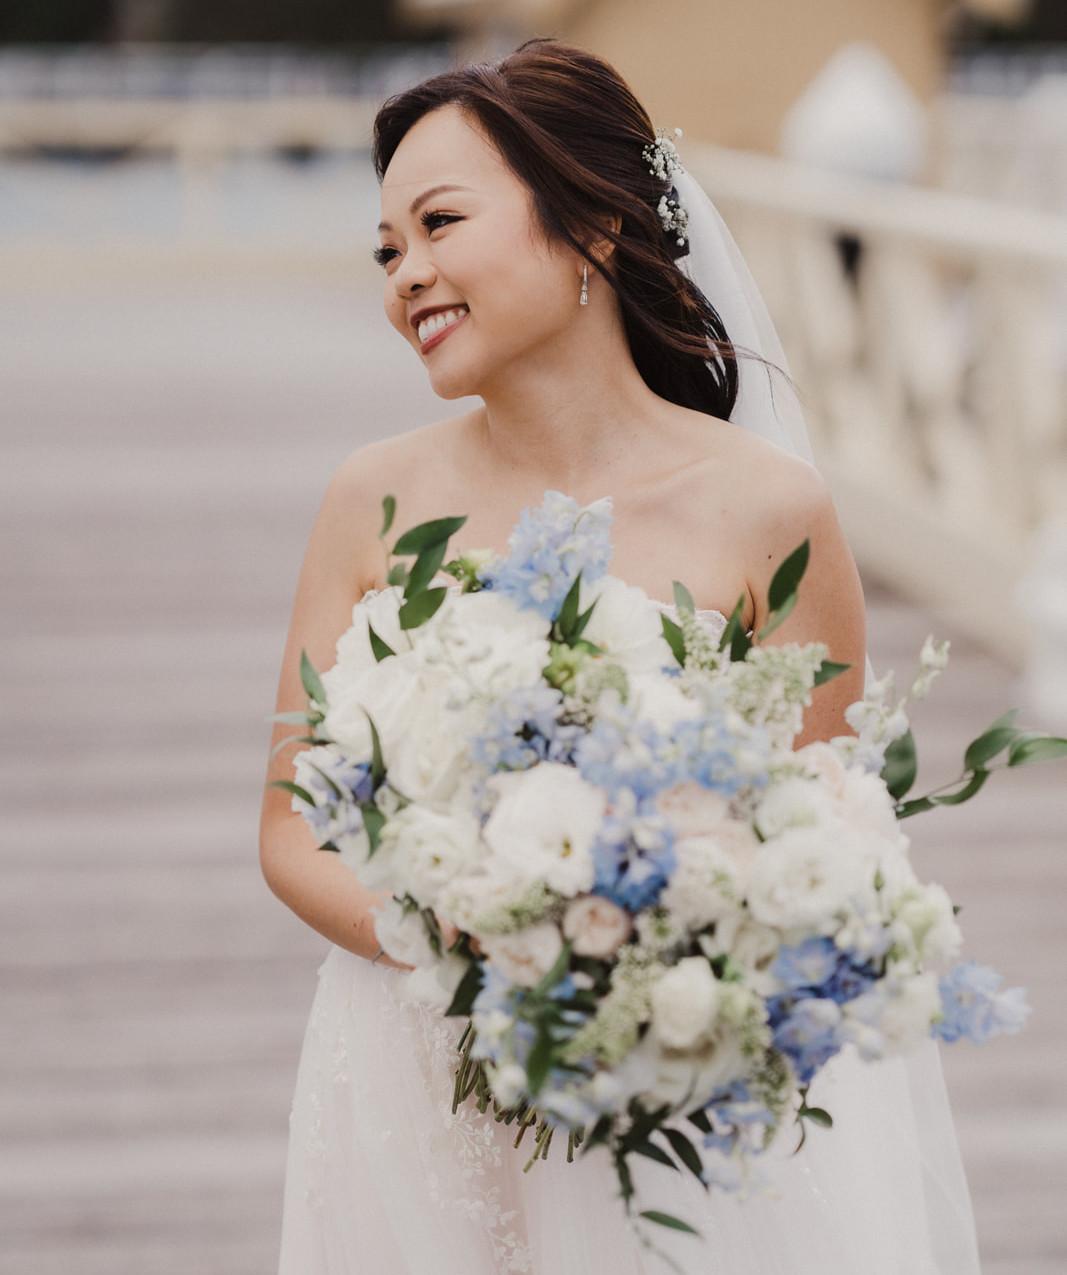 Wedding Hairstylist Sydney